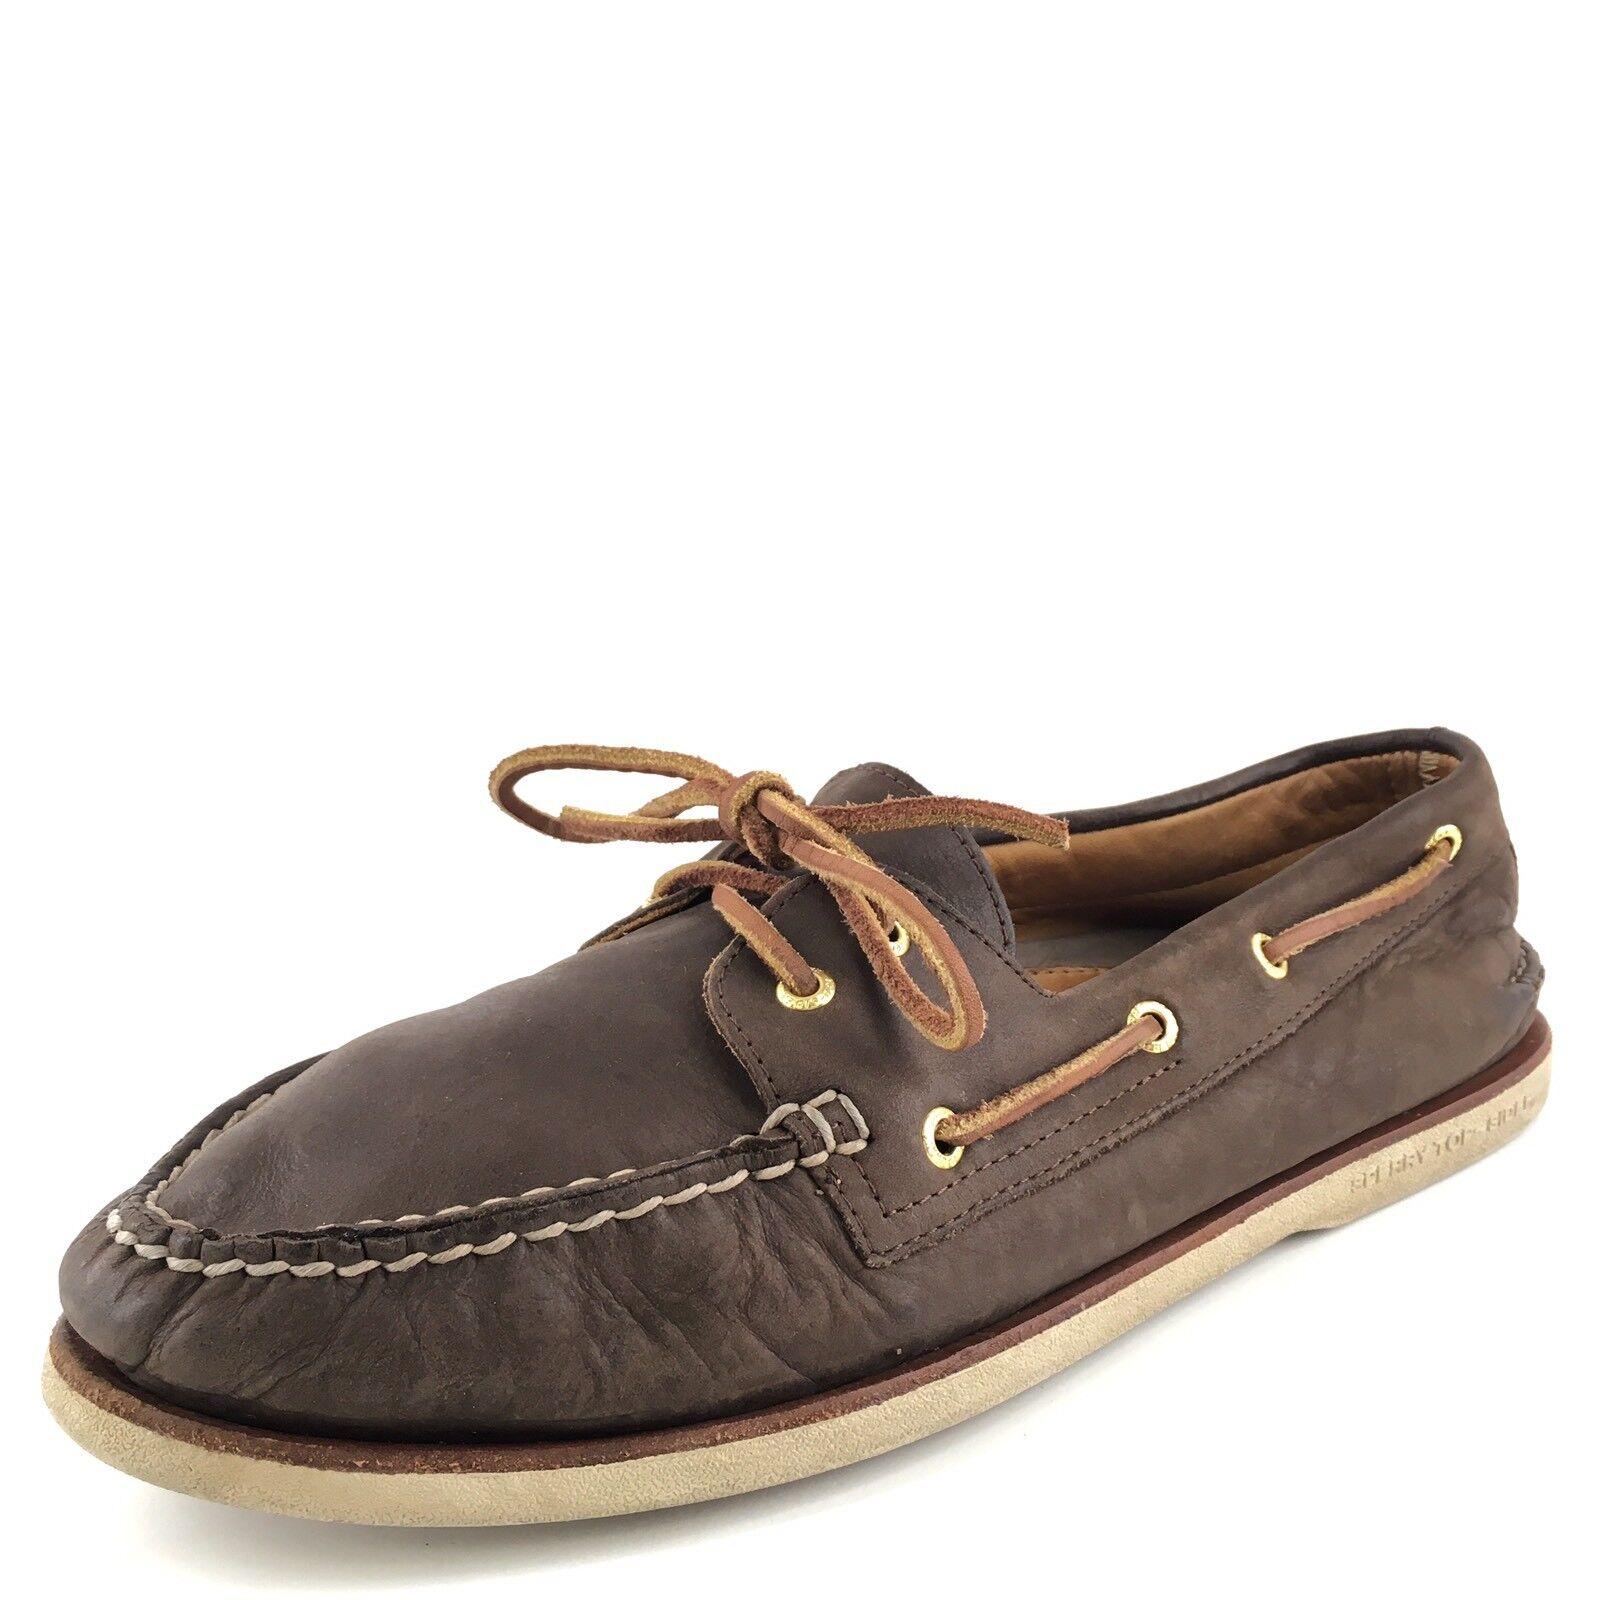 97e2e15f0d5 Sperry Sperry Sperry Top-Sider Gold Cup Original Marrón Cuero Zapatos  náuticos para hombres M